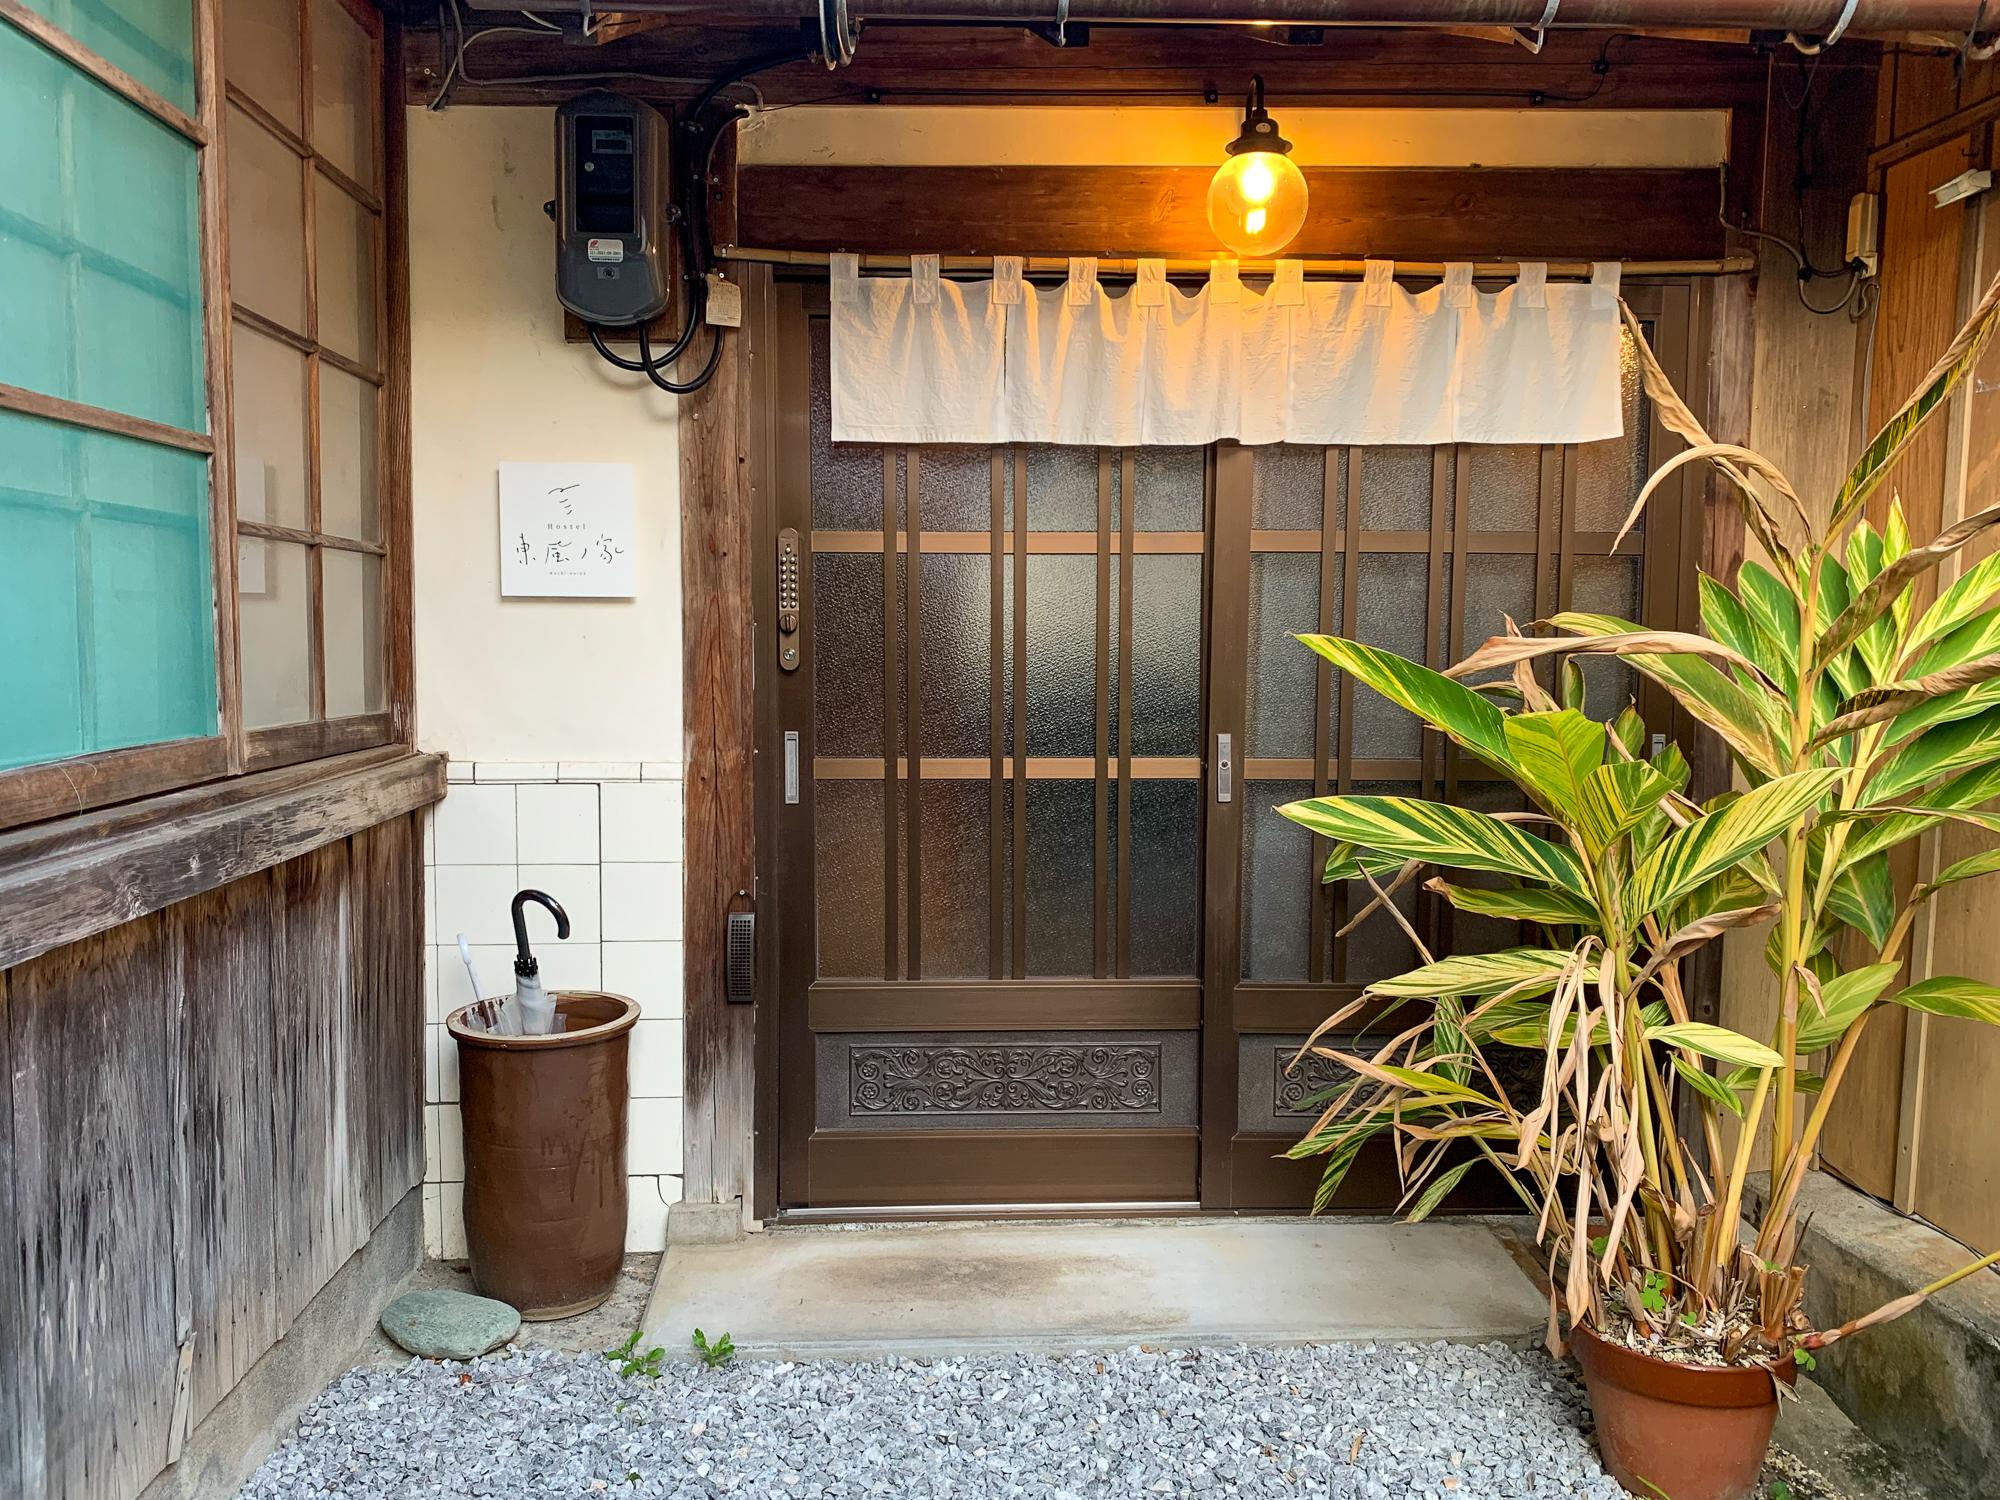 Shikoku Pilgrimage AccommodationAccommodation Shikoku Pilgrimage Route